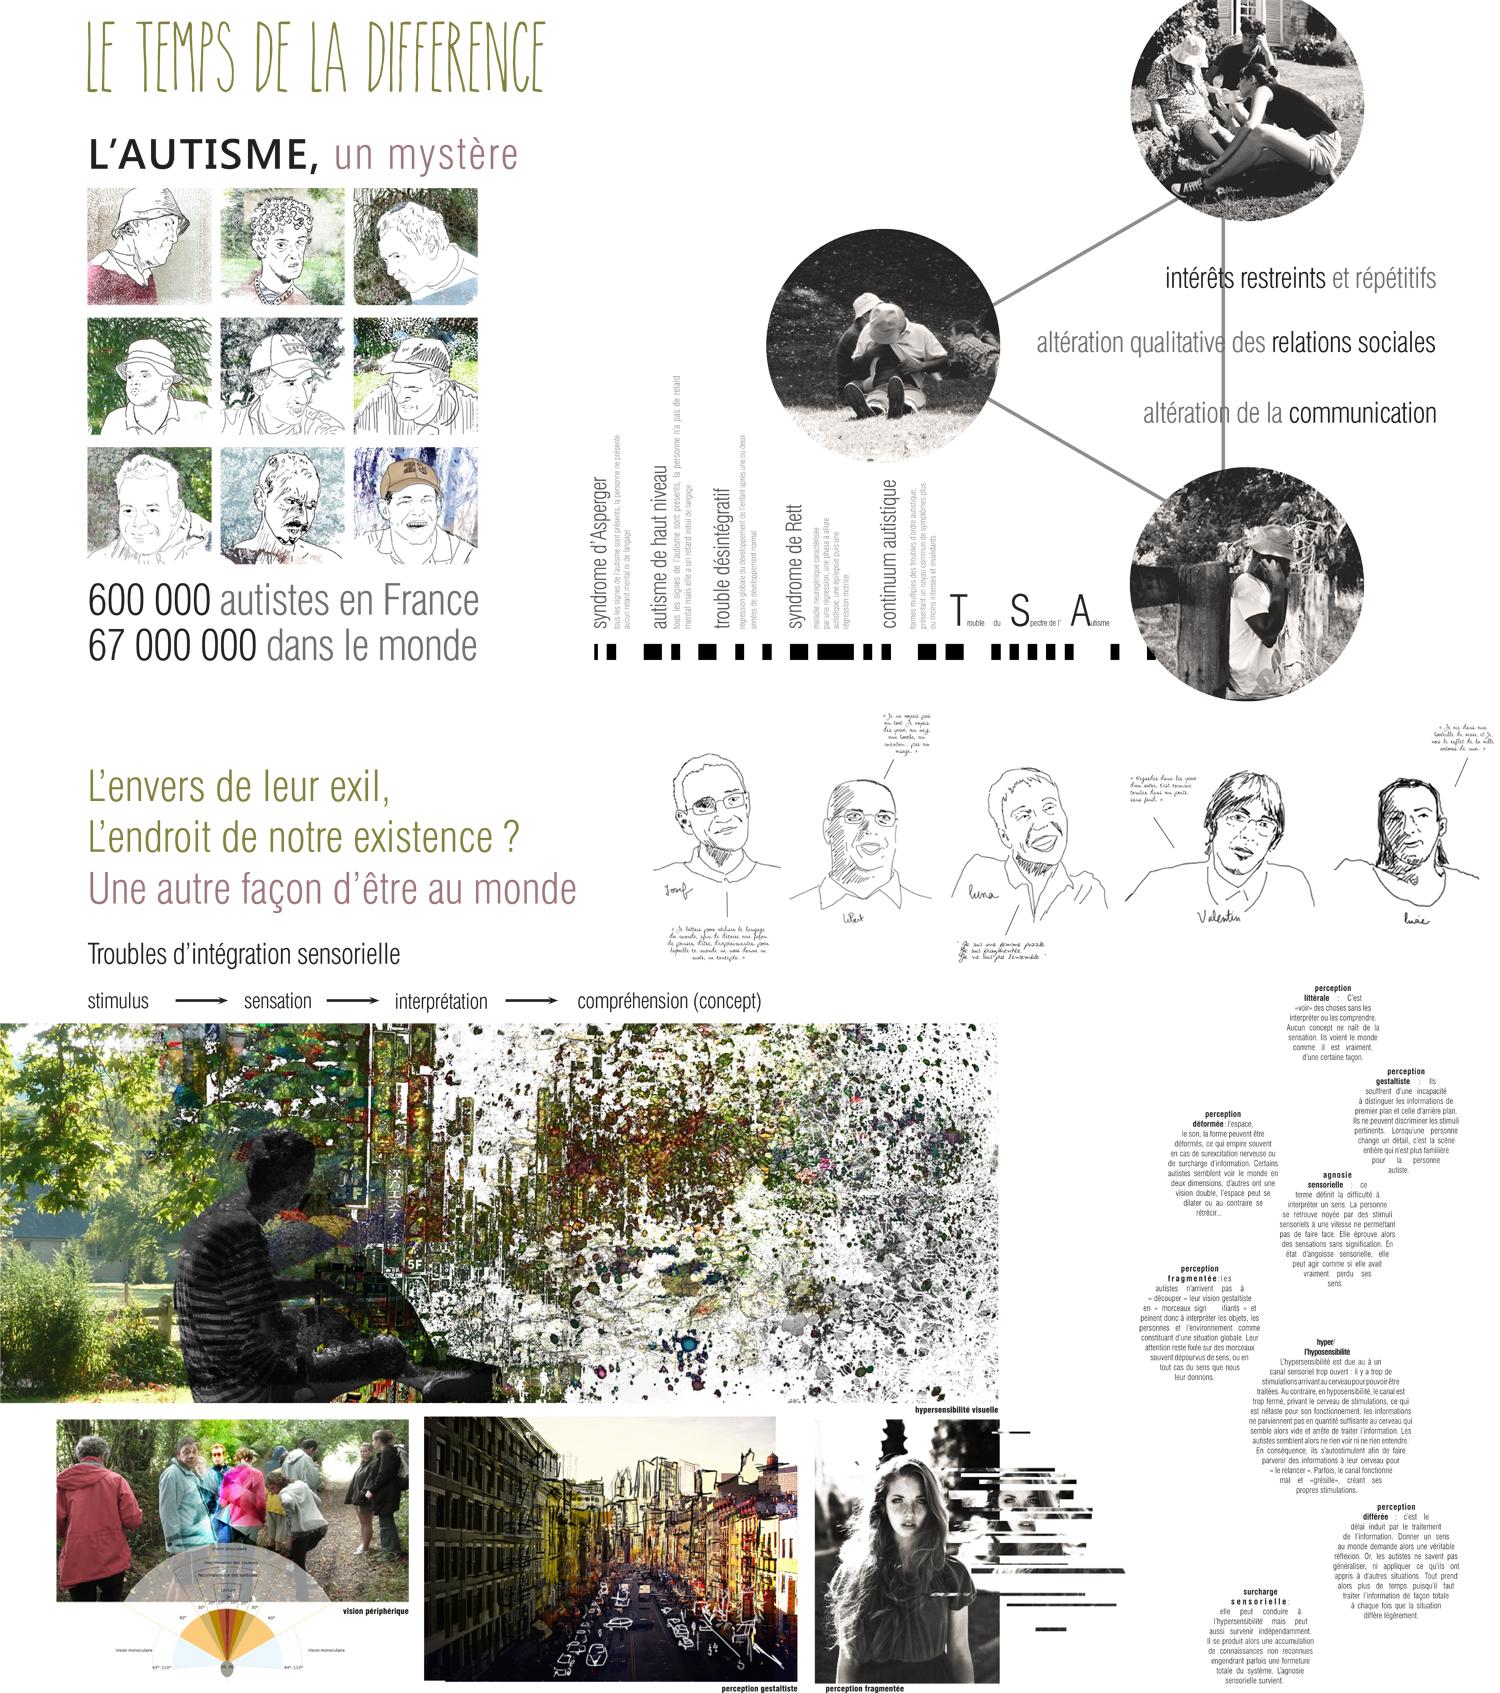 Repenser les parcs et jardins au regard d'un autre monde, l'autisme paysagiste Clermont-Ferrand 7